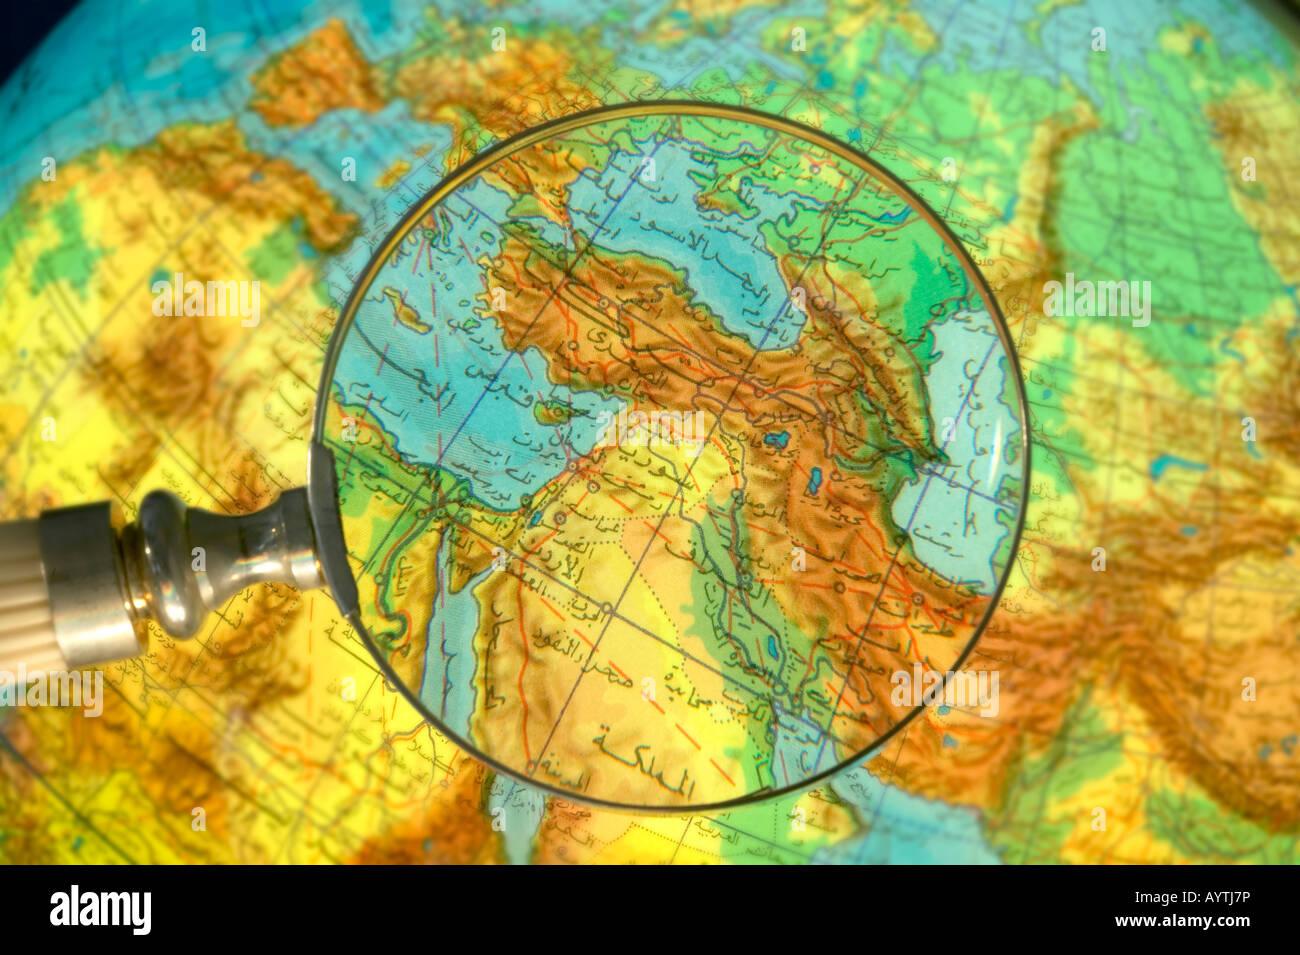 Part of world Middle East Region globe written in Arabic seen